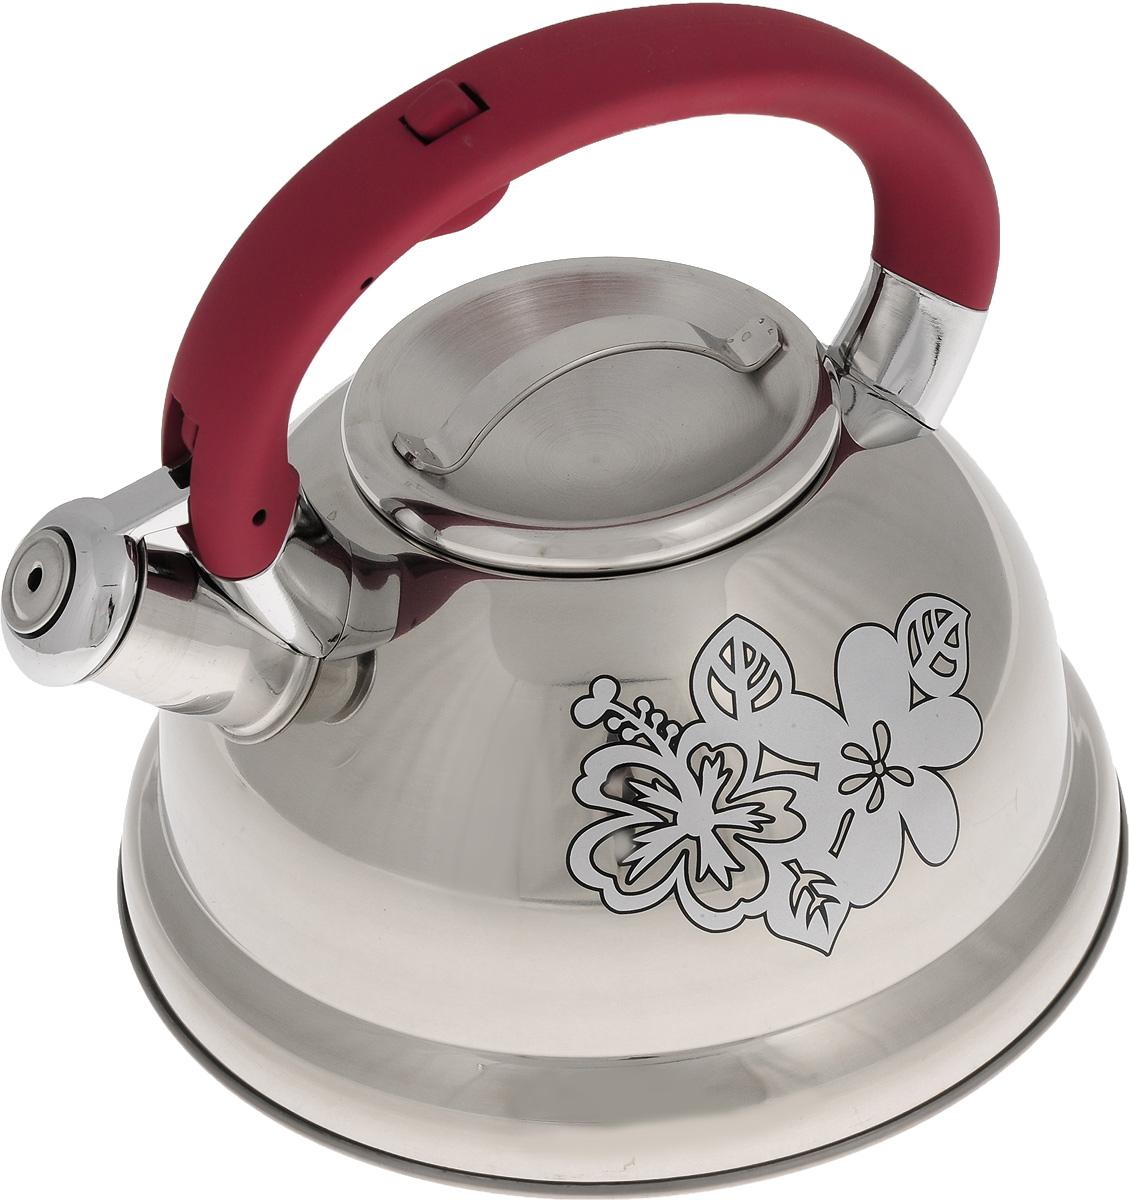 Чайник Mayer & Boch, со свистком, цвет: стальной, амарант, 2,6 л. 2278722787Чайник Mayer & Boch выполнен из высококачественной нержавеющей стали, что обеспечивает долговечность использования. Изделие оформлено изящным рисунком, который одновременно является индикатором цвета - при нагревании рисунок на корпусе меняет цвет. Ручка из бакелита делает использование чайника очень удобным и безопасным. Чайник снабжен свистком и кнопкой для открывания носика. Эстетичный и функциональный чайник будет оригинально смотреться в любом интерьере. Пригоден для использования на газовых, электрических, стеклокерамических и индукционных плитах. Можно мыть в посудомоечной машине.Диаметр чайника по верхнему краю: 10 см. Высота чайника (с учетом ручки): 20 см. Высота чайника (без учета ручки): 11,3 см.